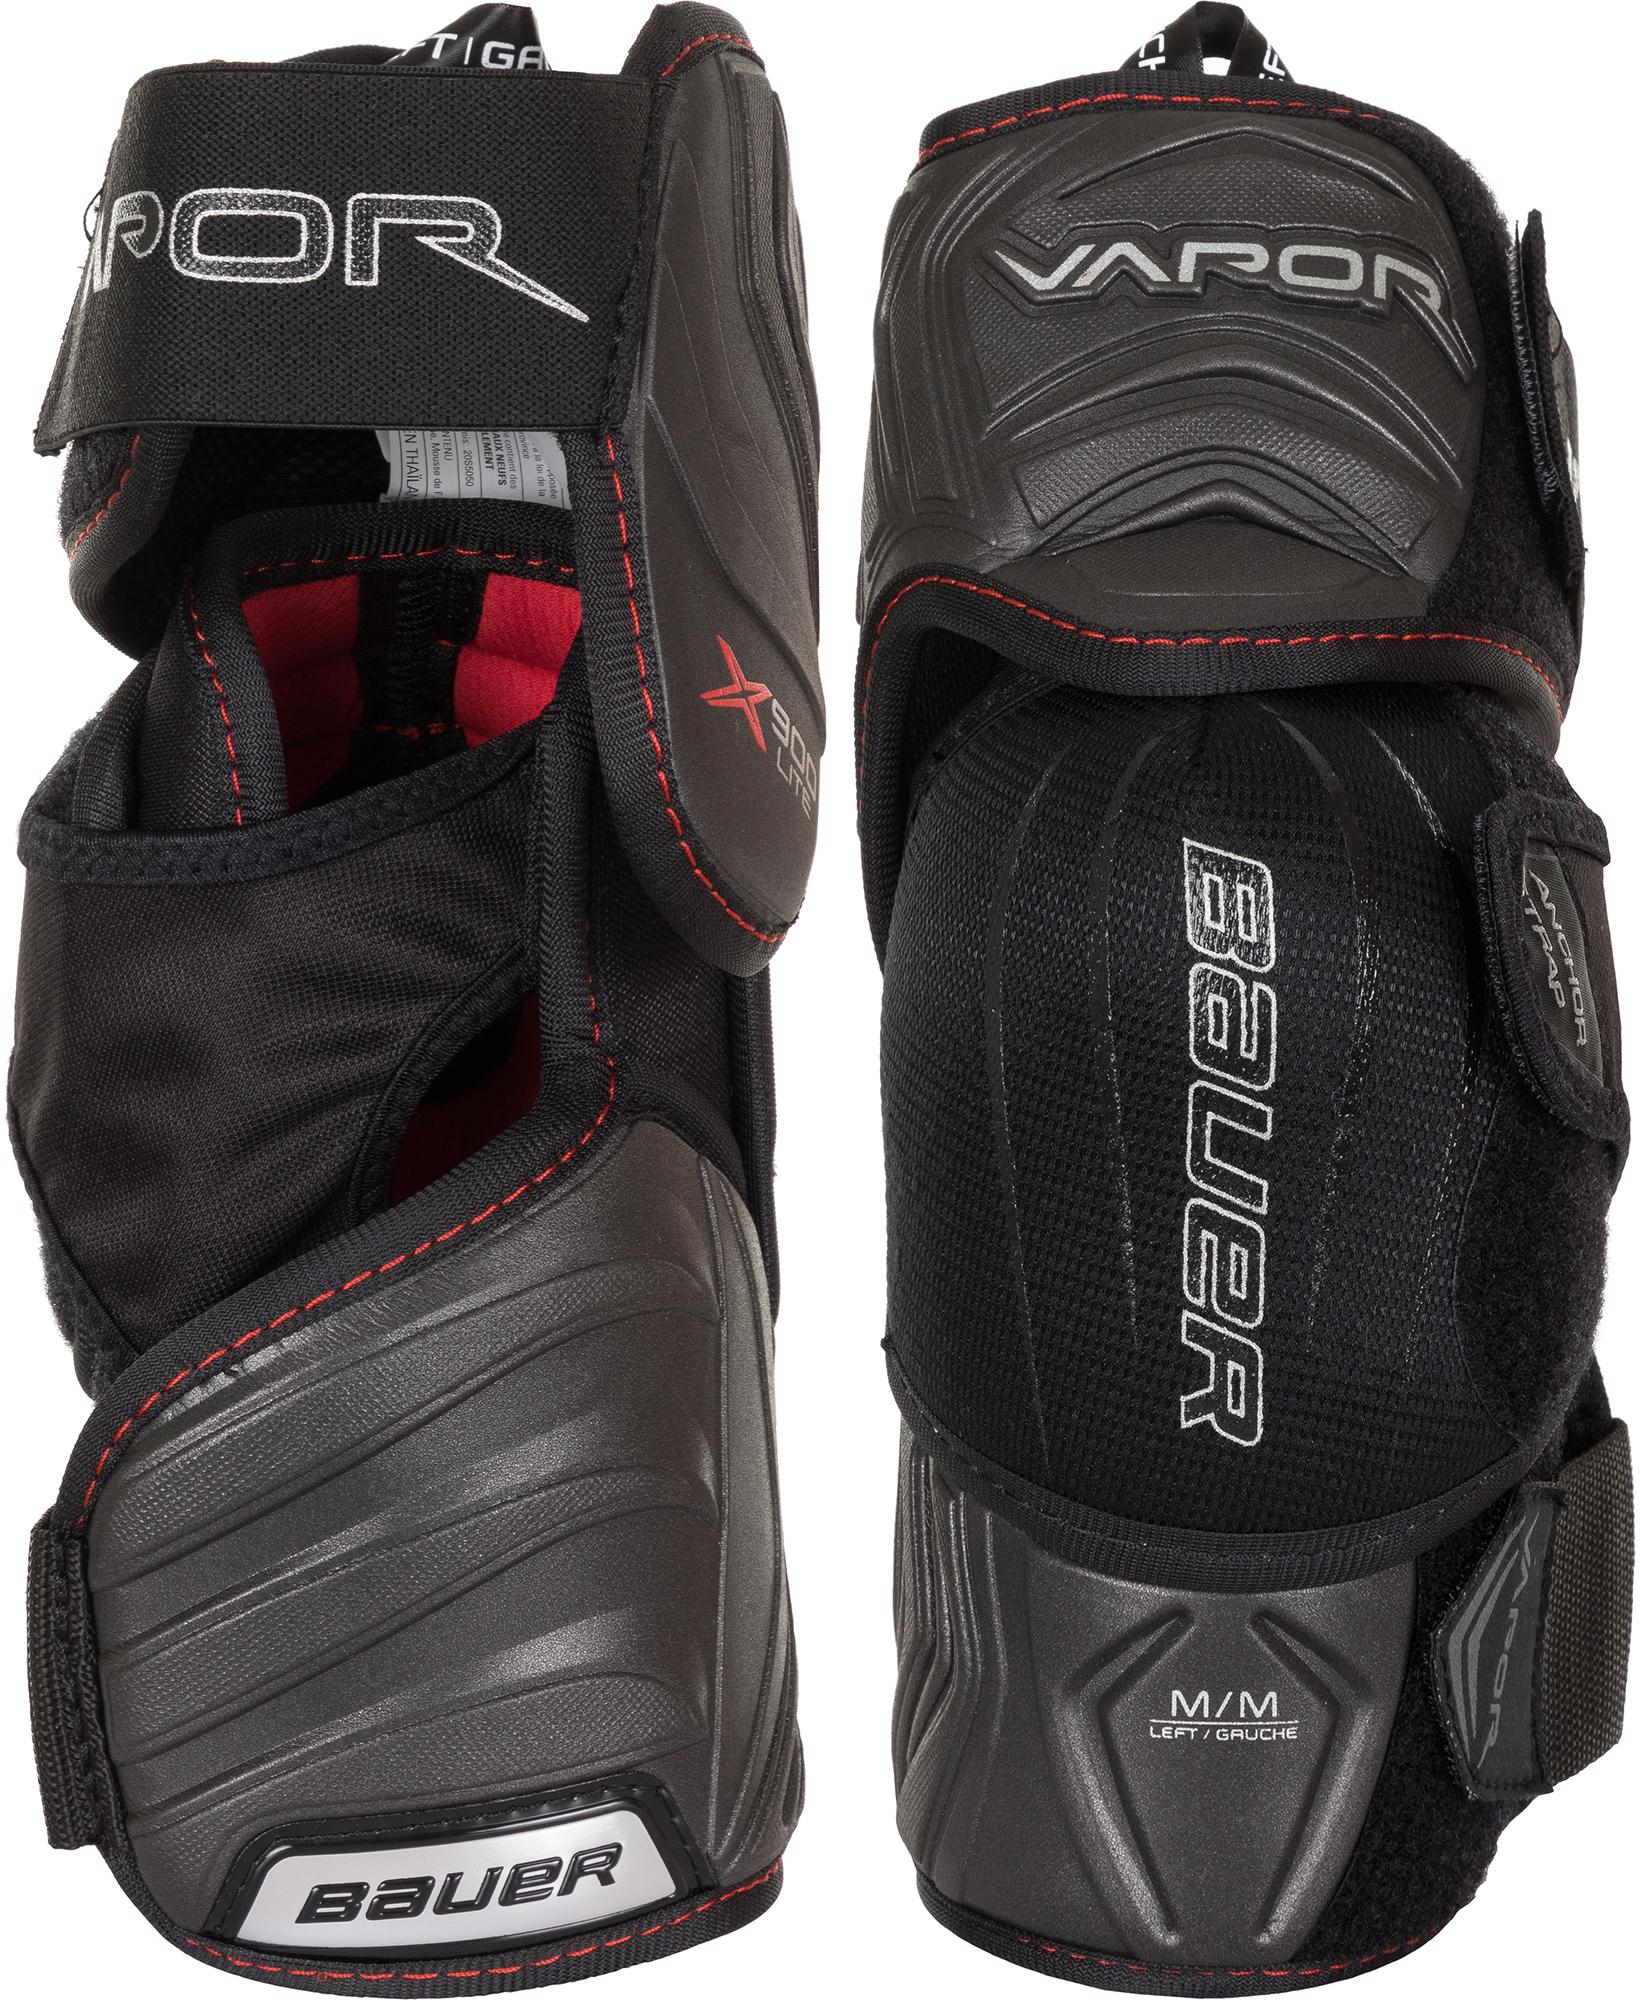 Bauer Налокотники хоккейные VAPOR X900 LITE